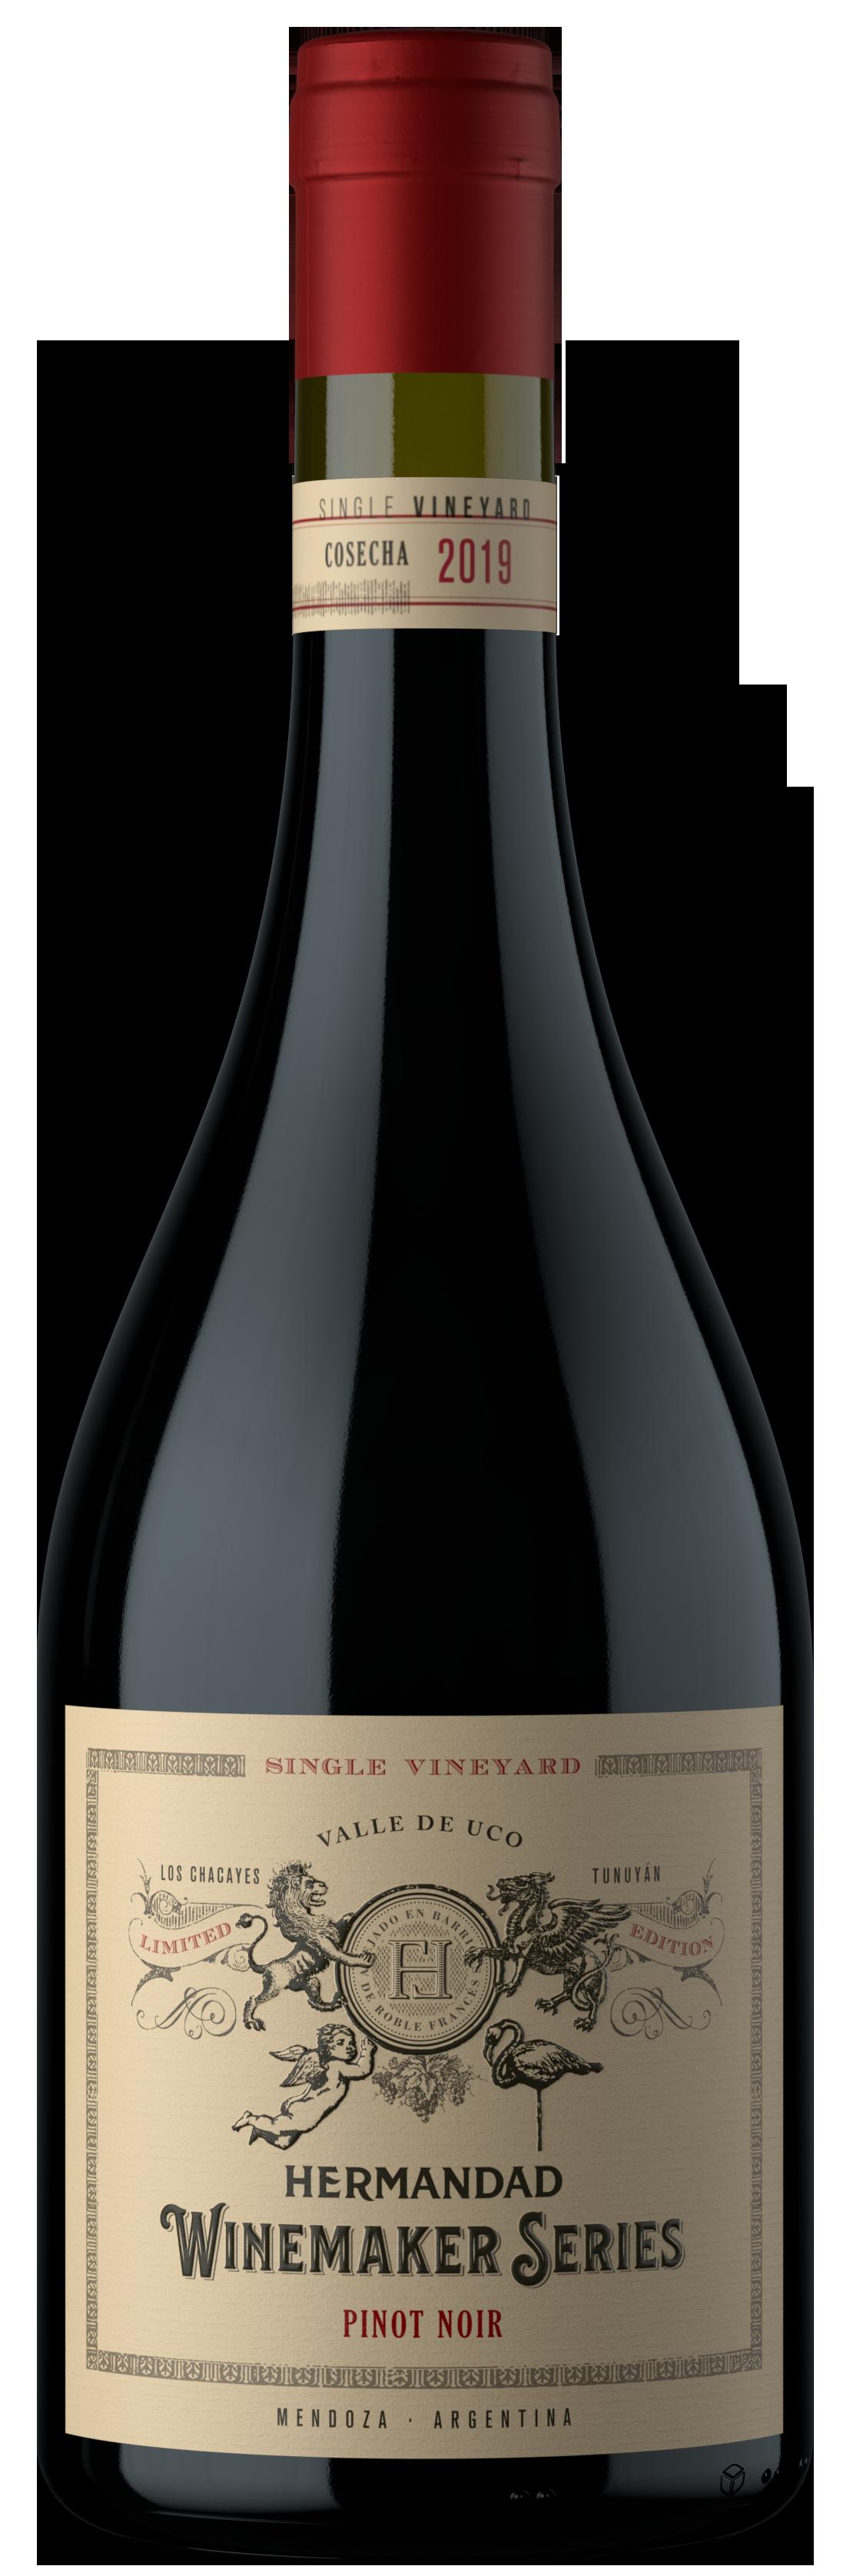 Hermandad Winemaker Series Pinot Noir